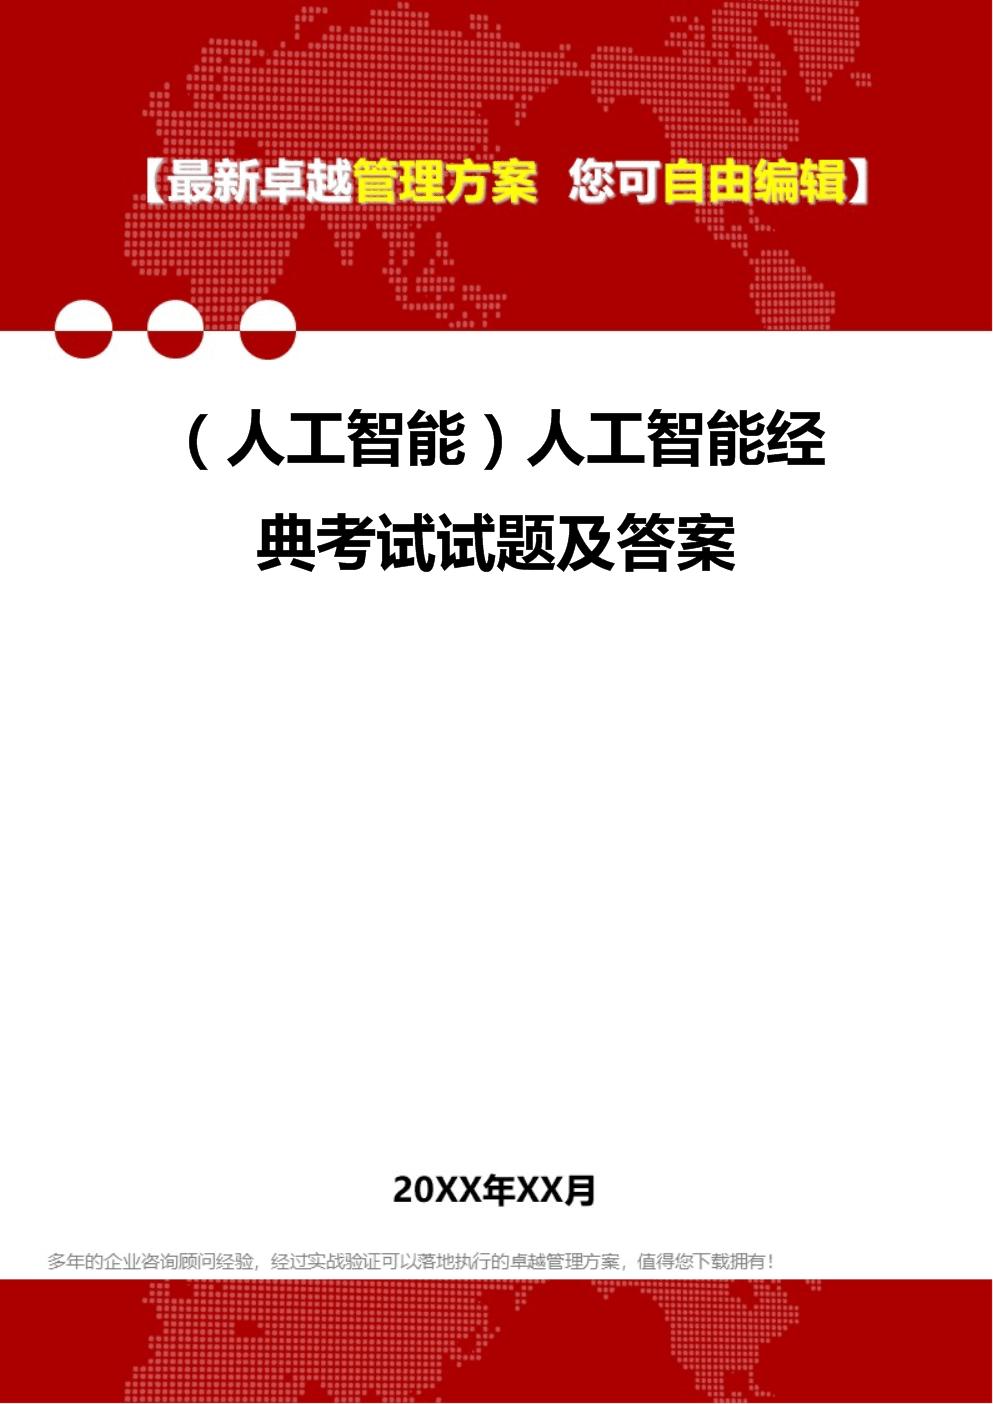 【人工智能)人工智能经典考试试题及答案.doc